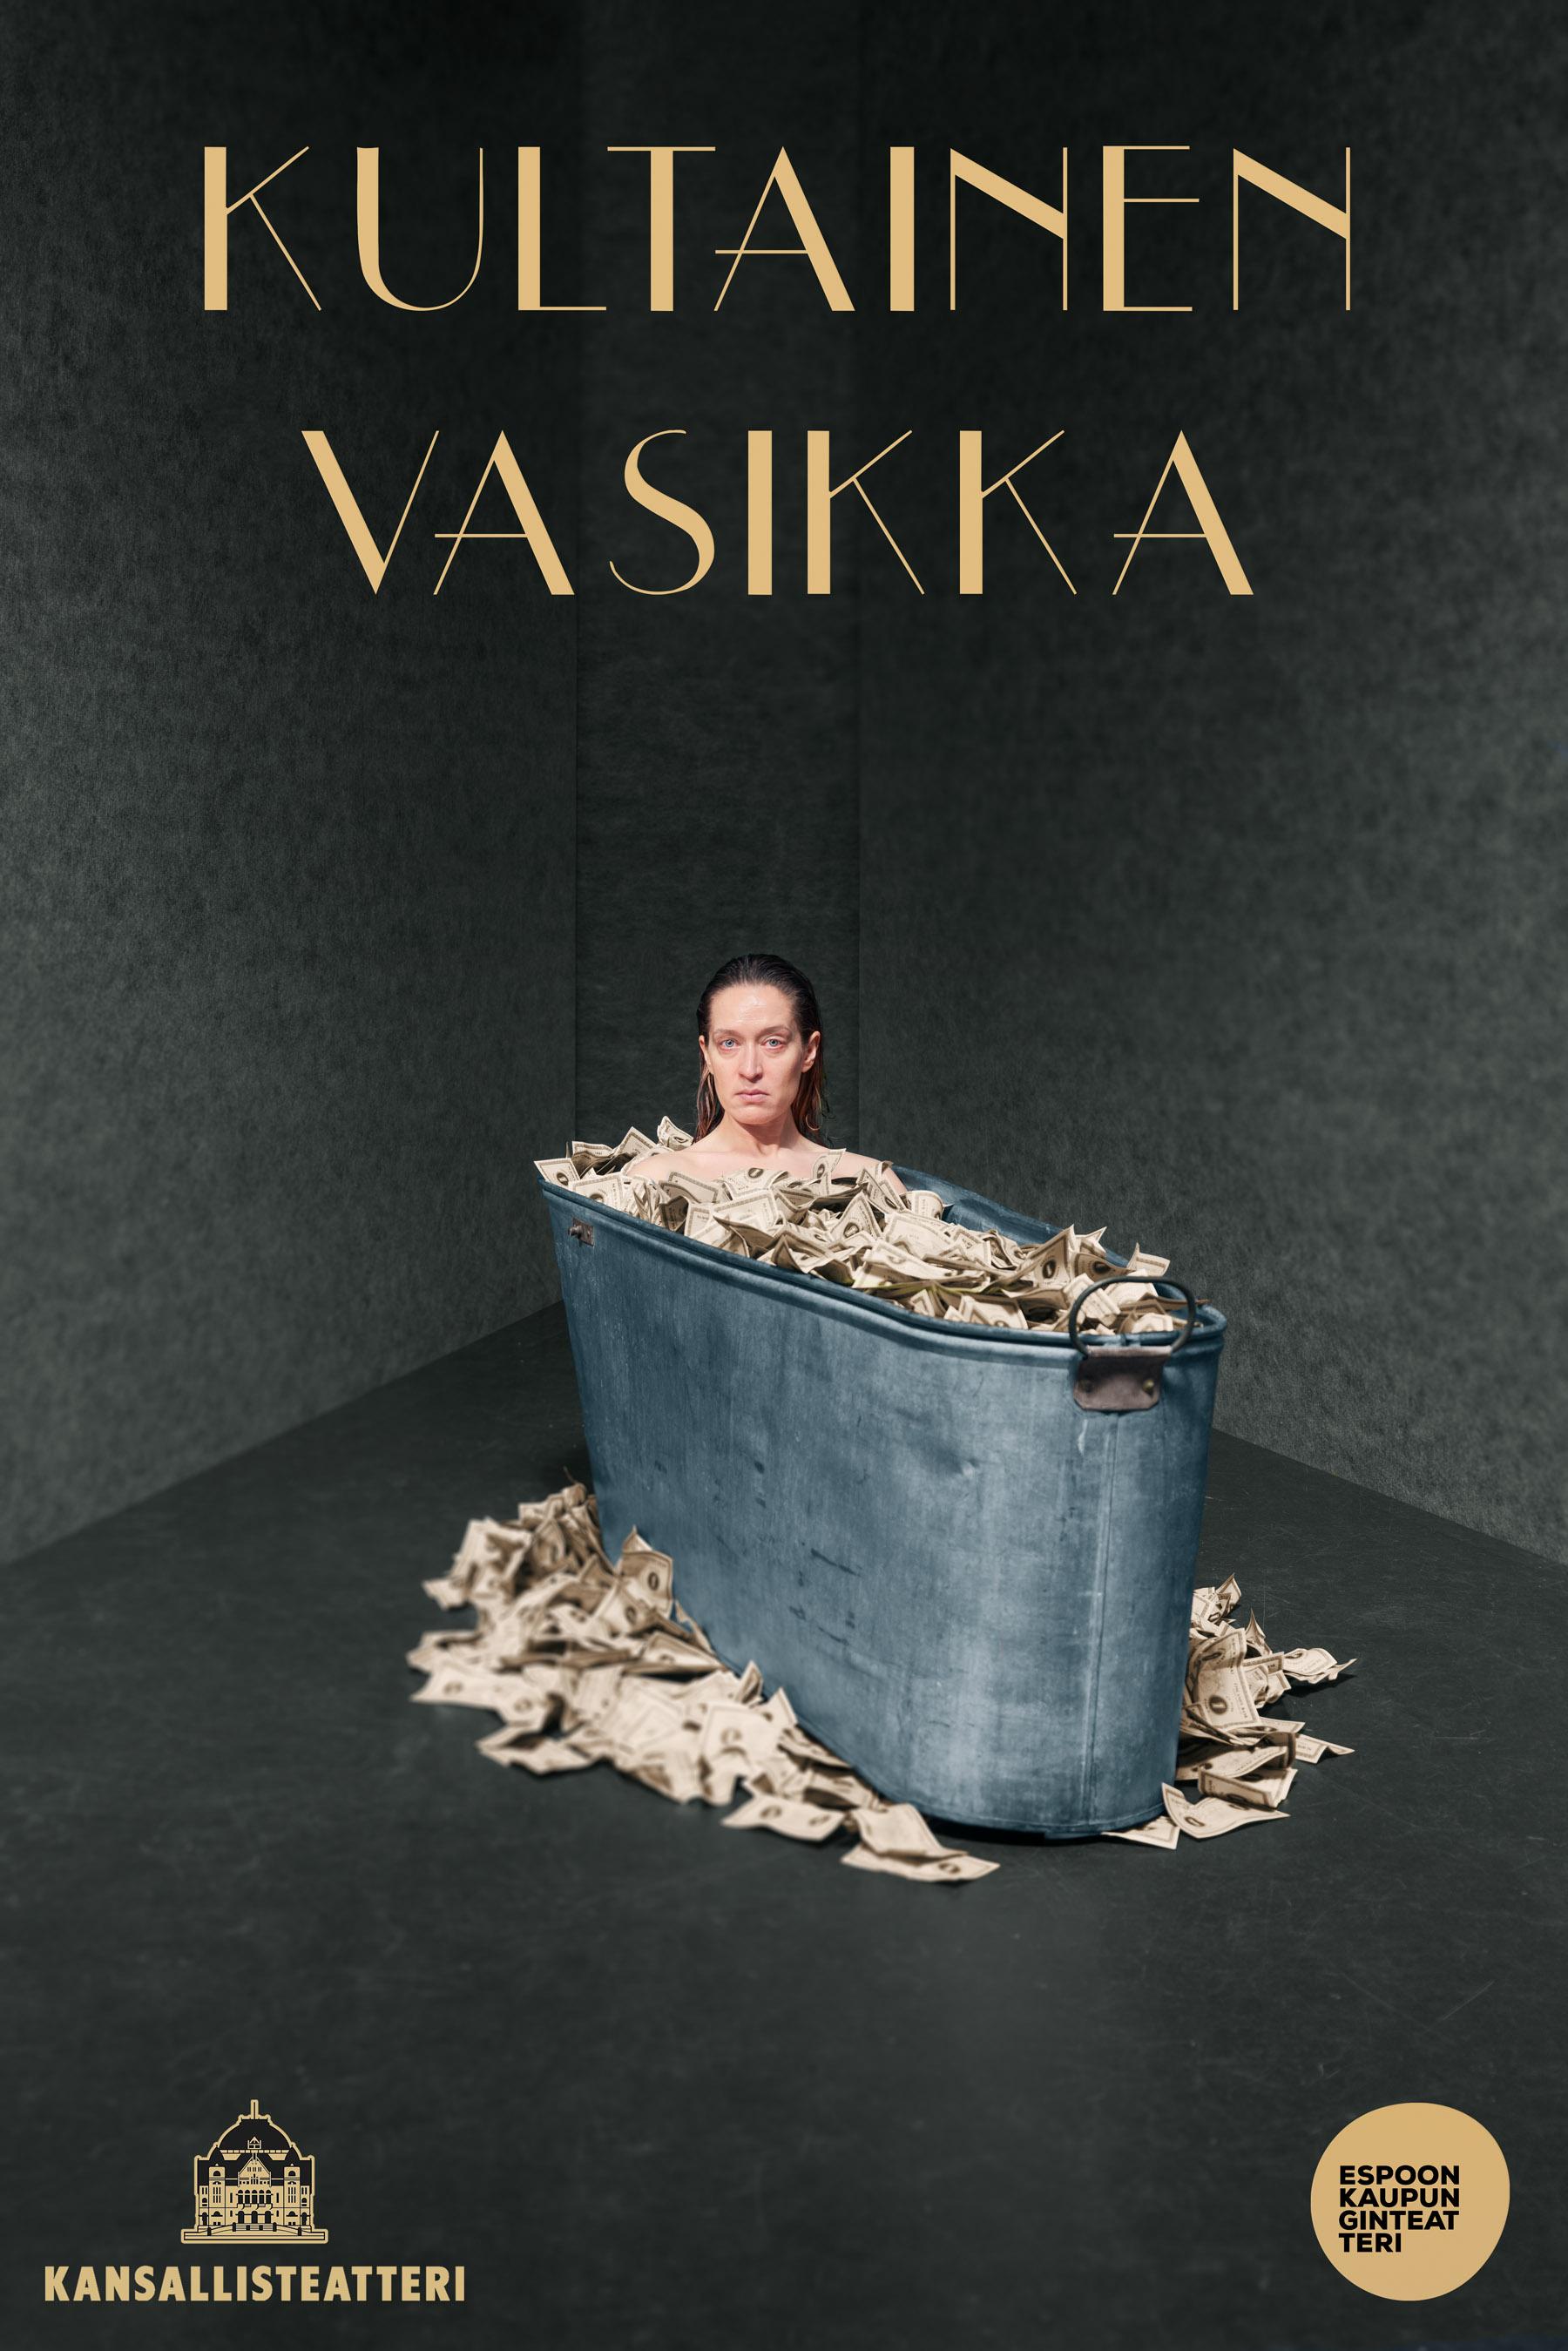 Kultainen vasikka - Espoon kaupunginteatteri